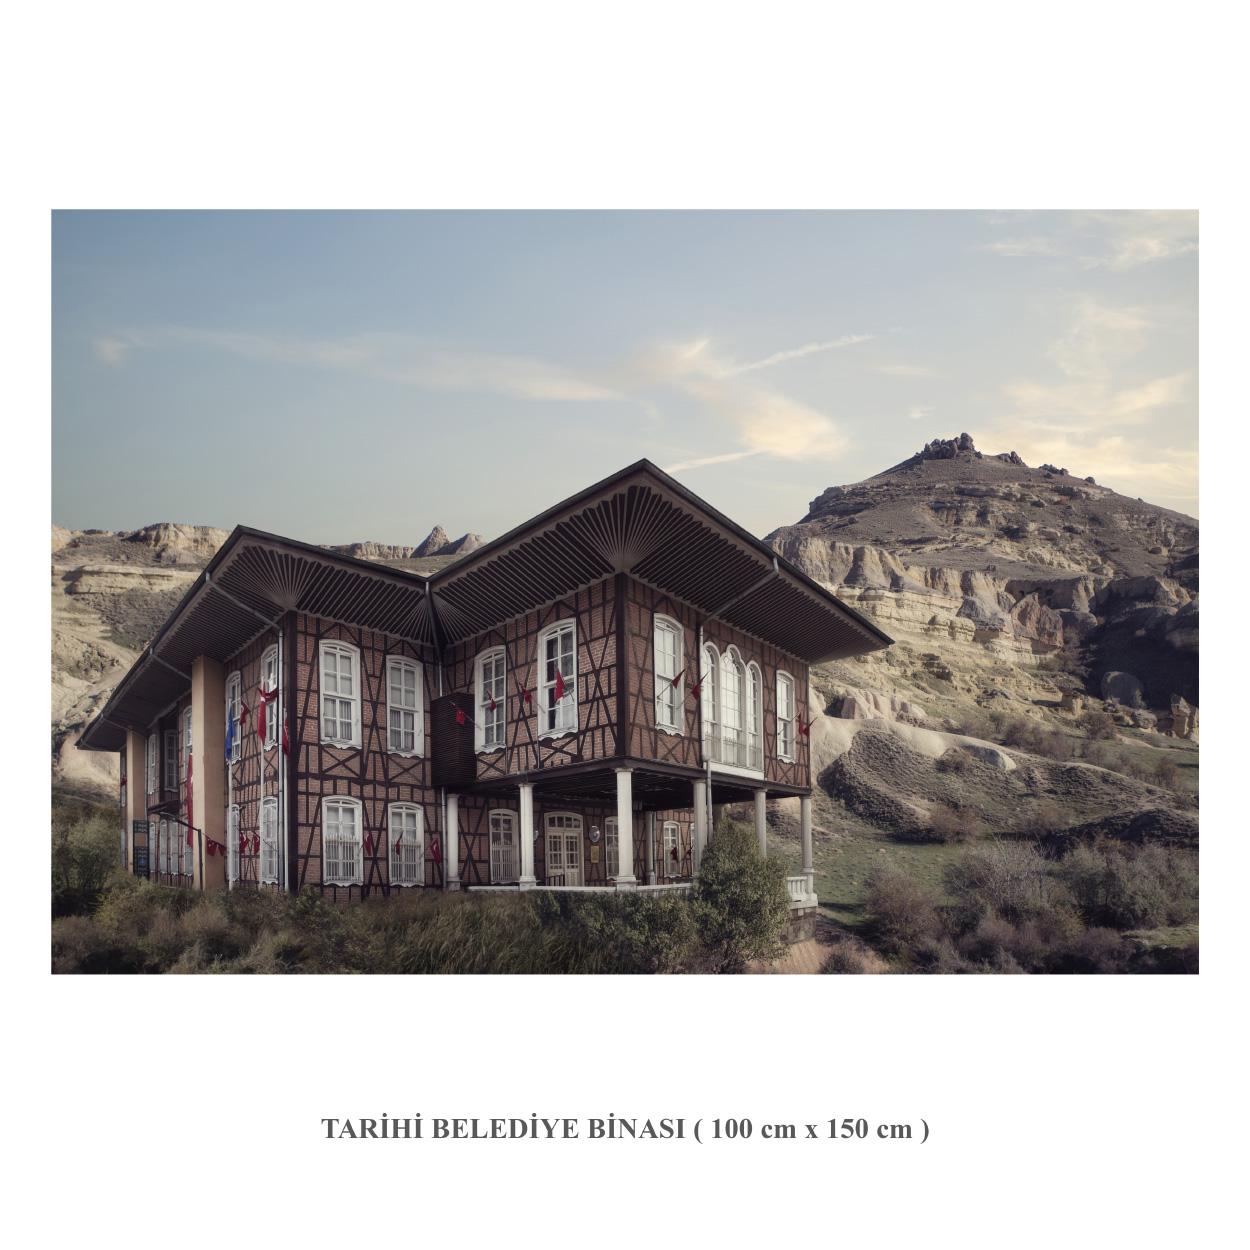 Tarihi_Belediye_Binası_copy